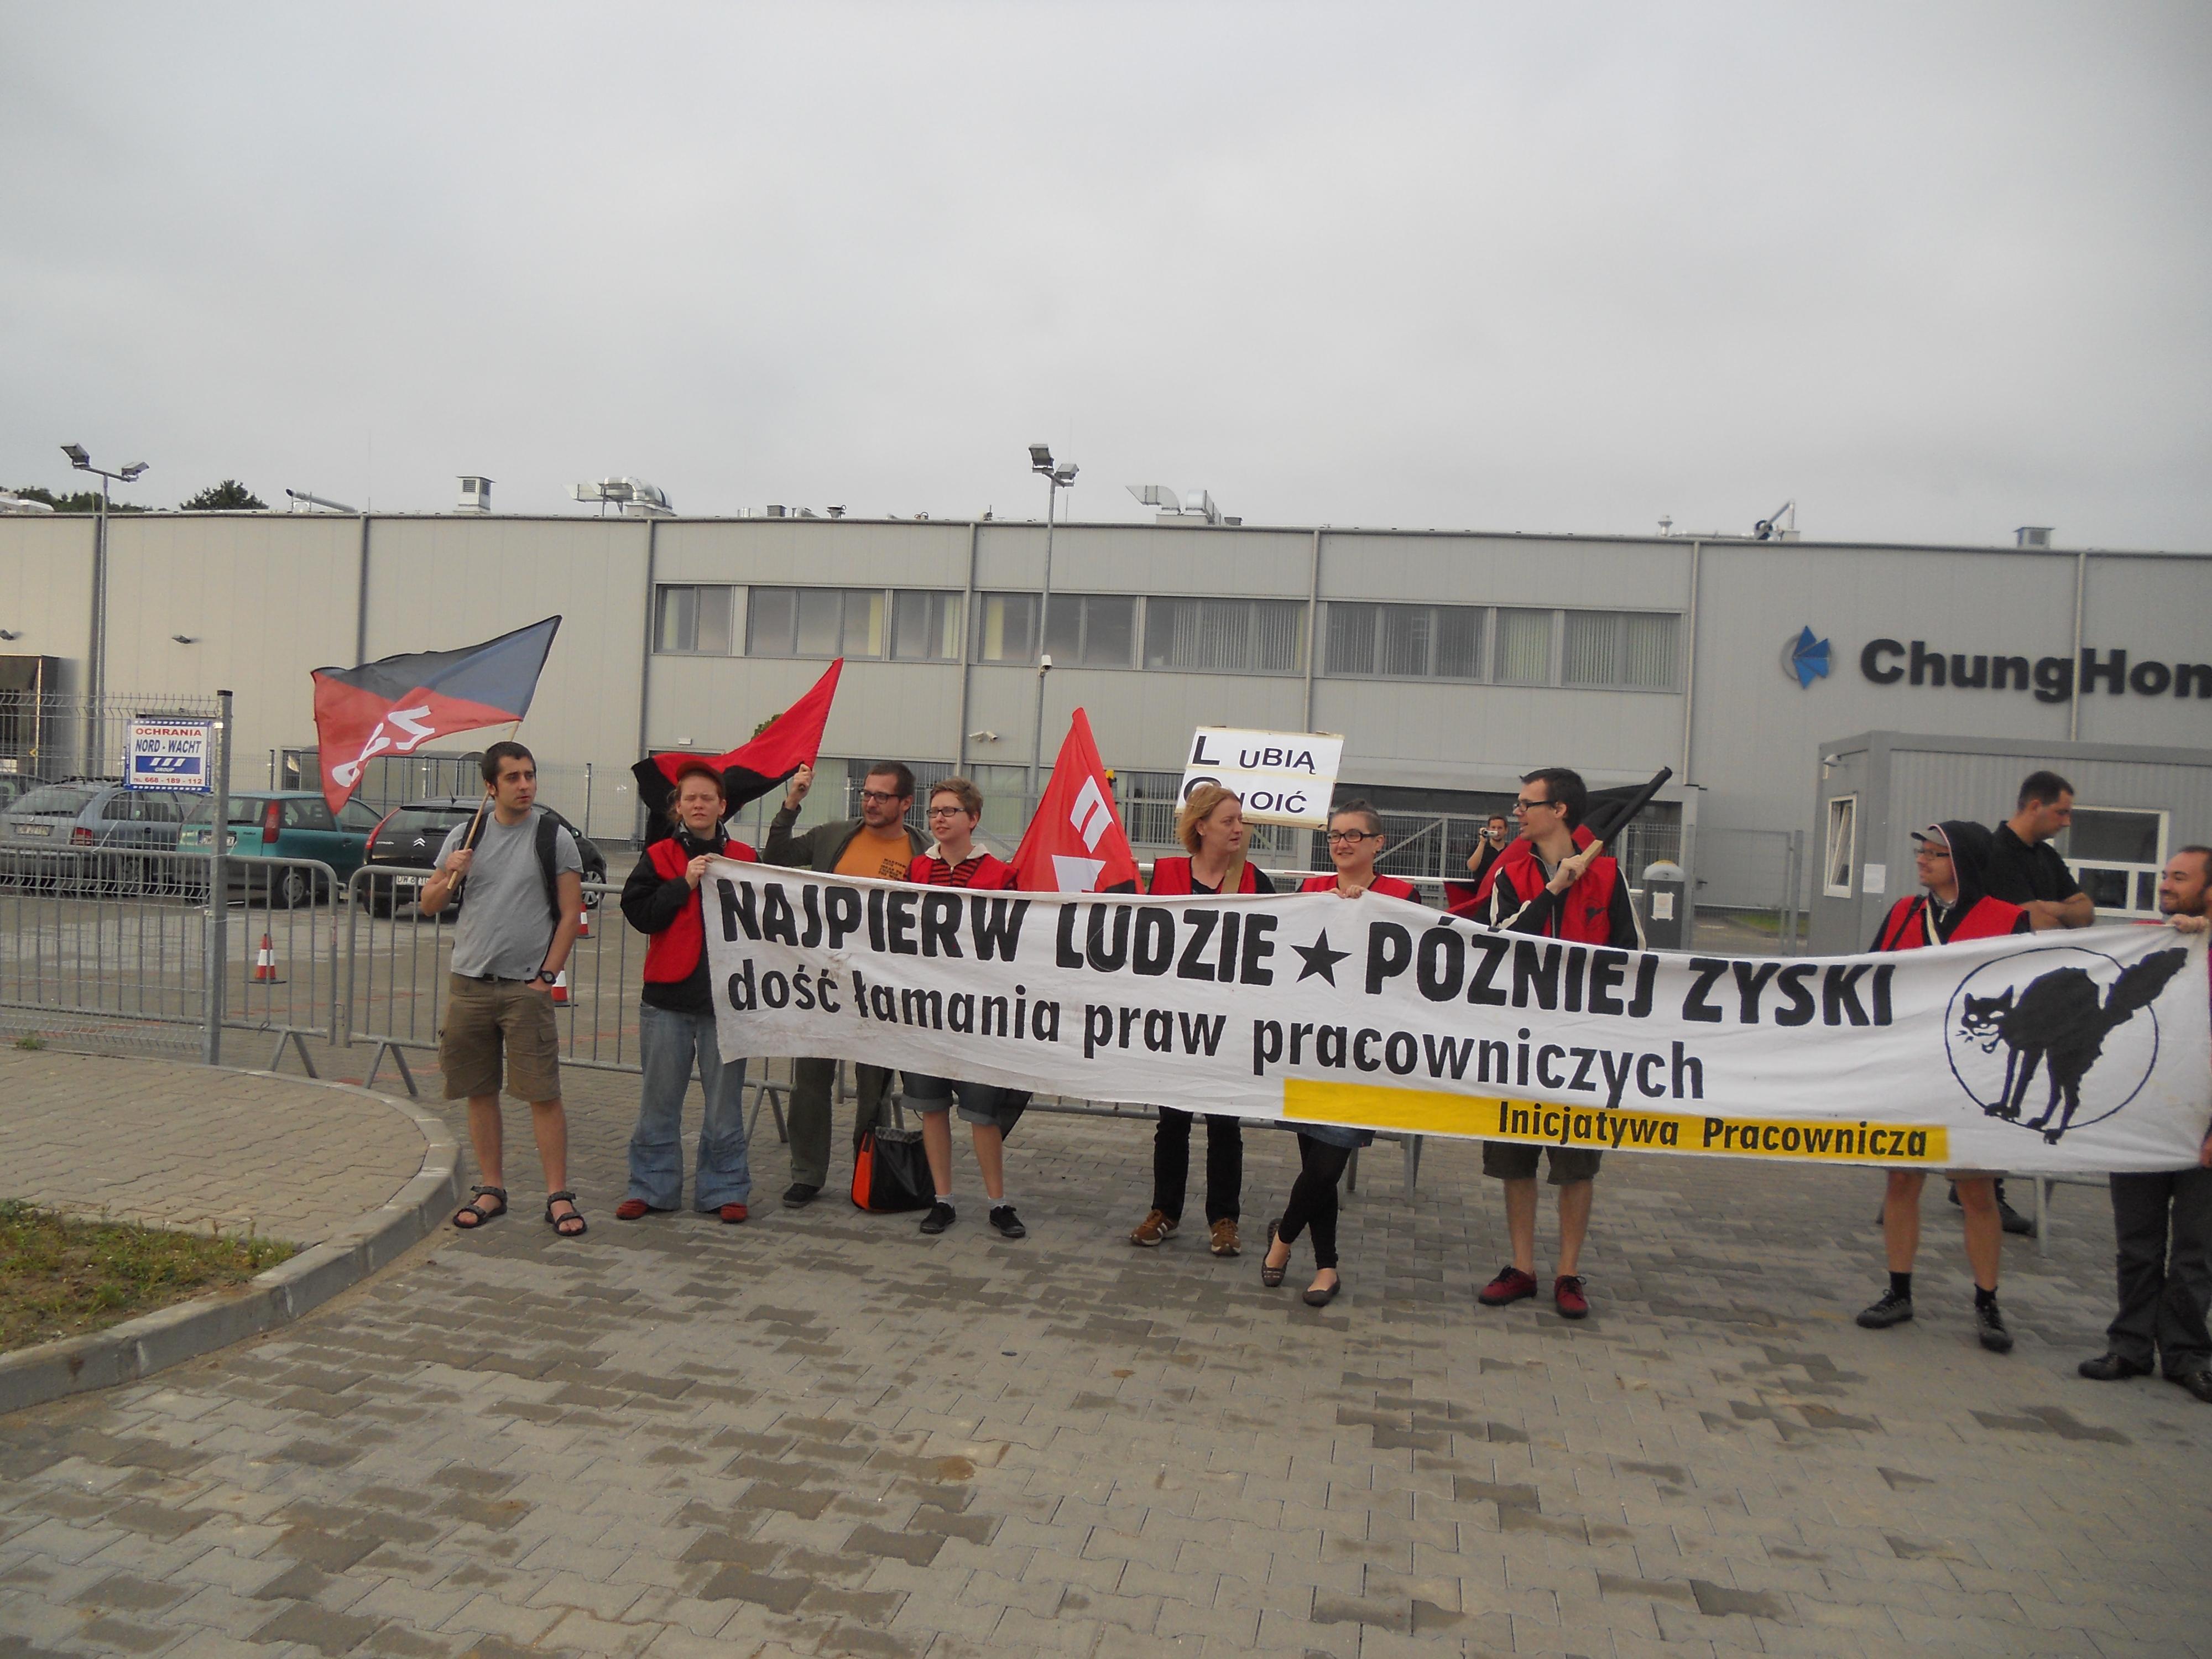 Streikposten vor dem Chung Hong Werk (Bildquelle: FAU Berlin)